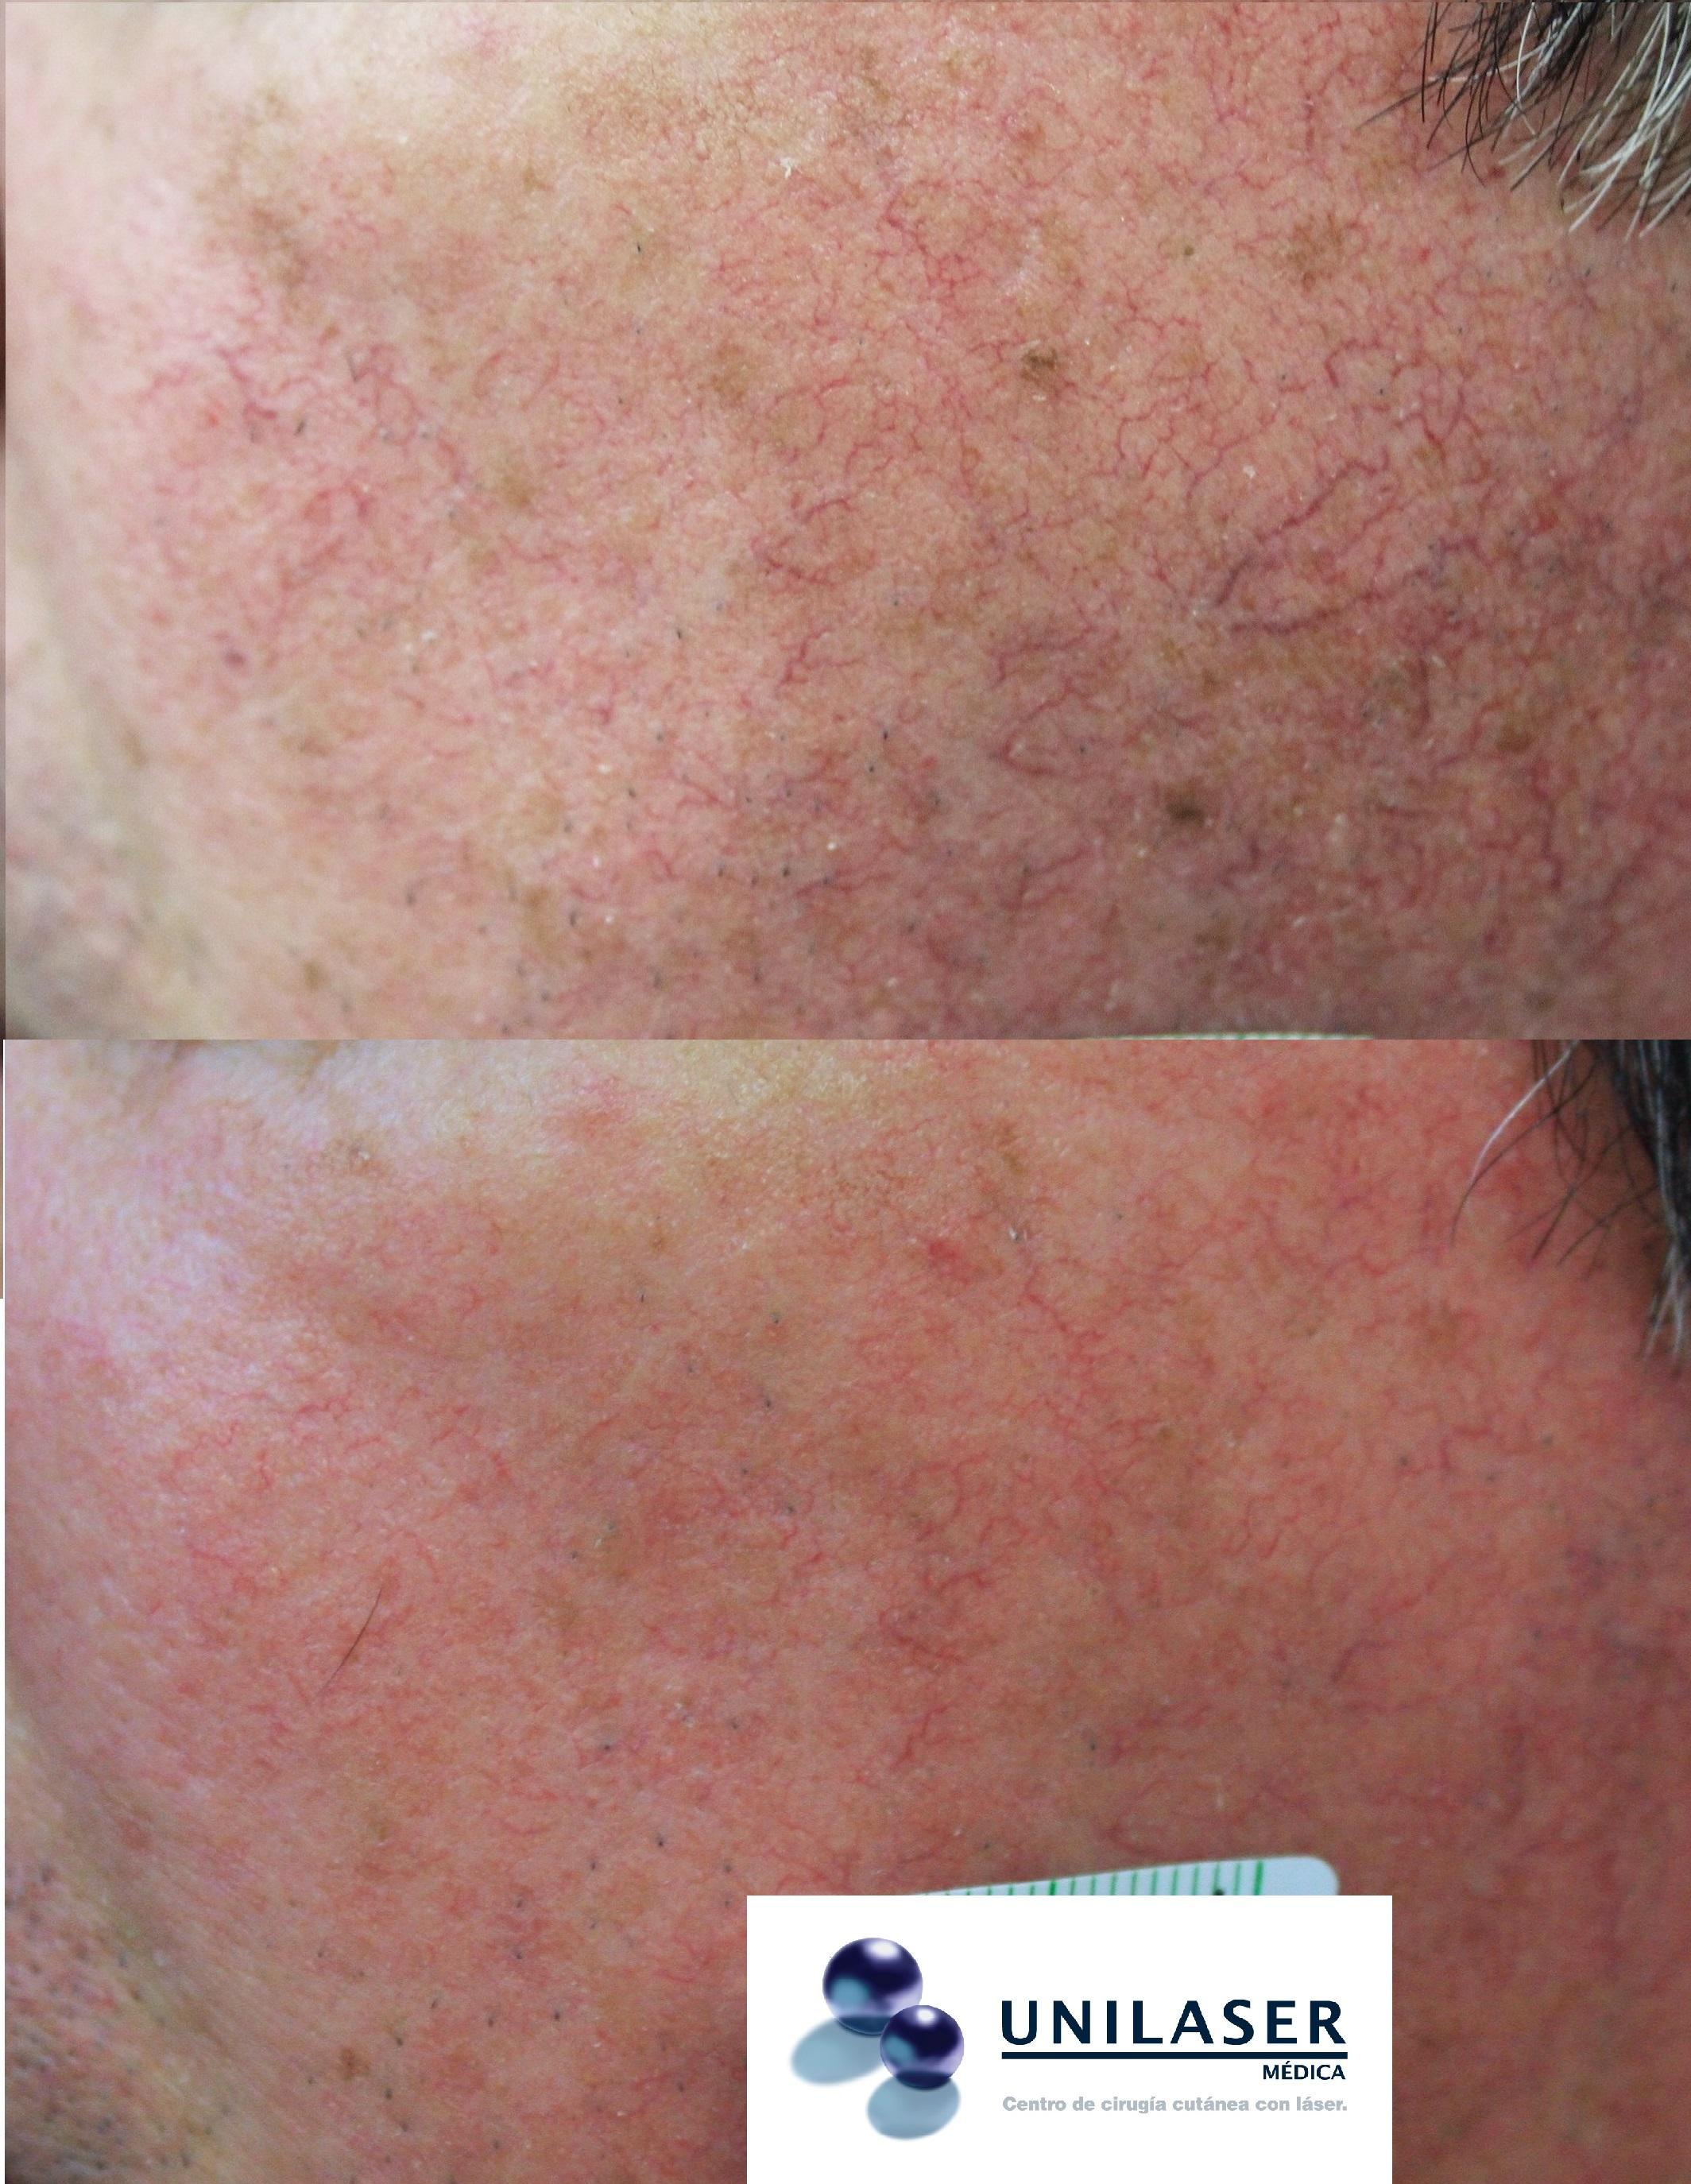 láser para lesiones vasculares de la cara